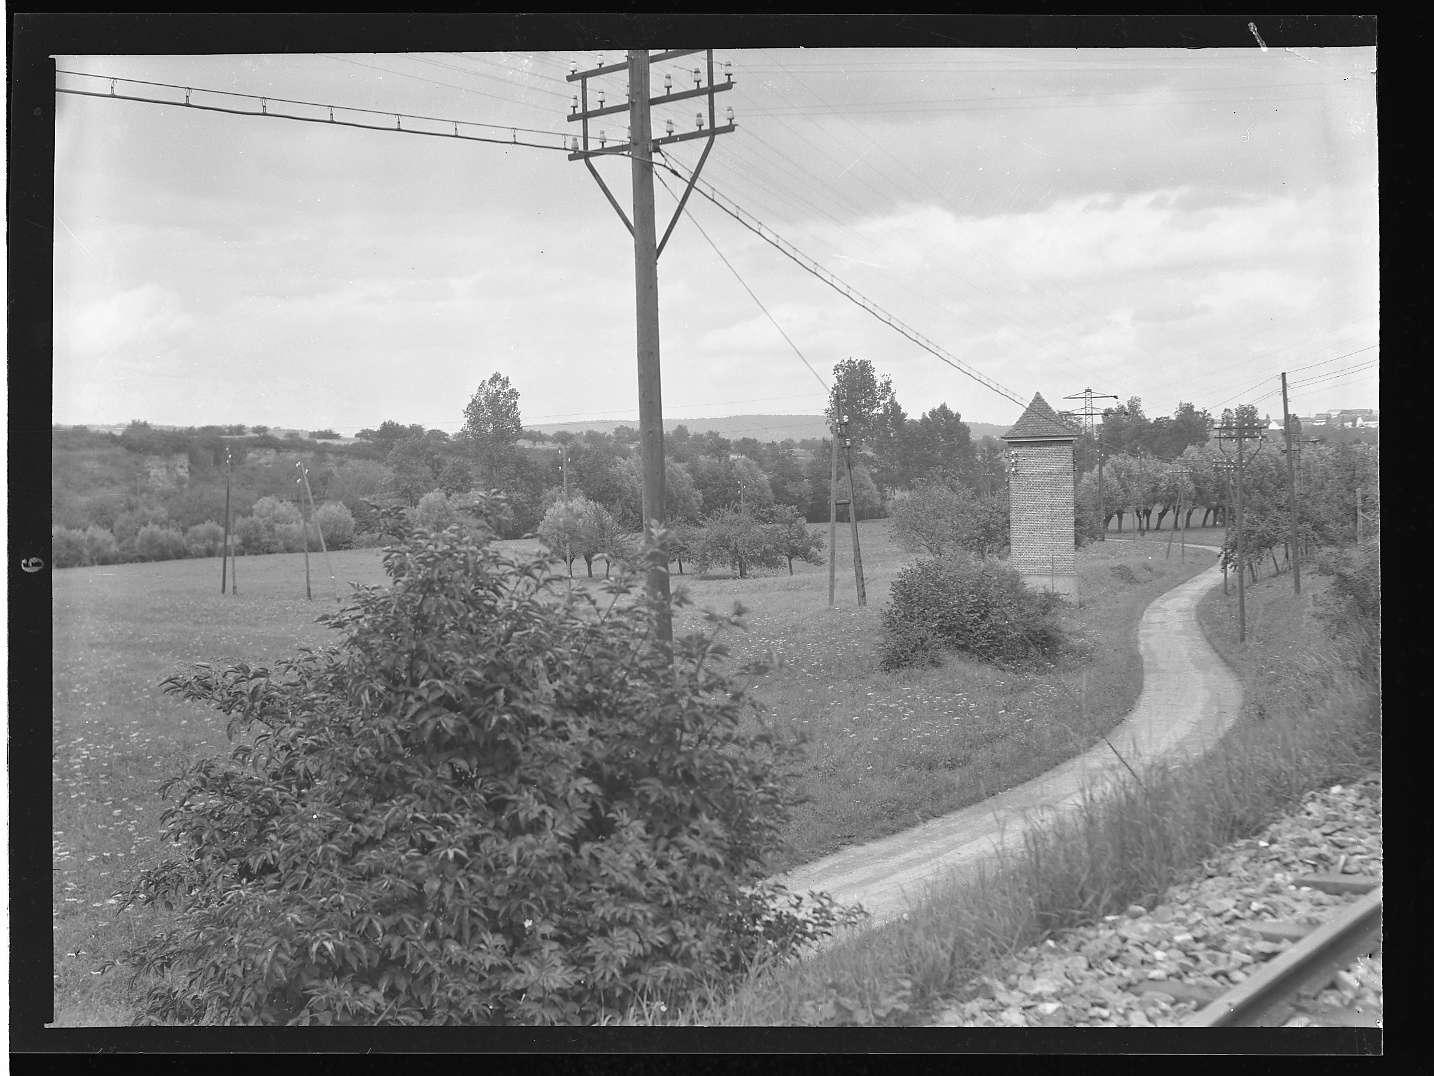 Bietigheim-Bissingen (Württ.), Bissingen, Bf, Ansichten bei der Rommel- Mühle (?), Abb. b